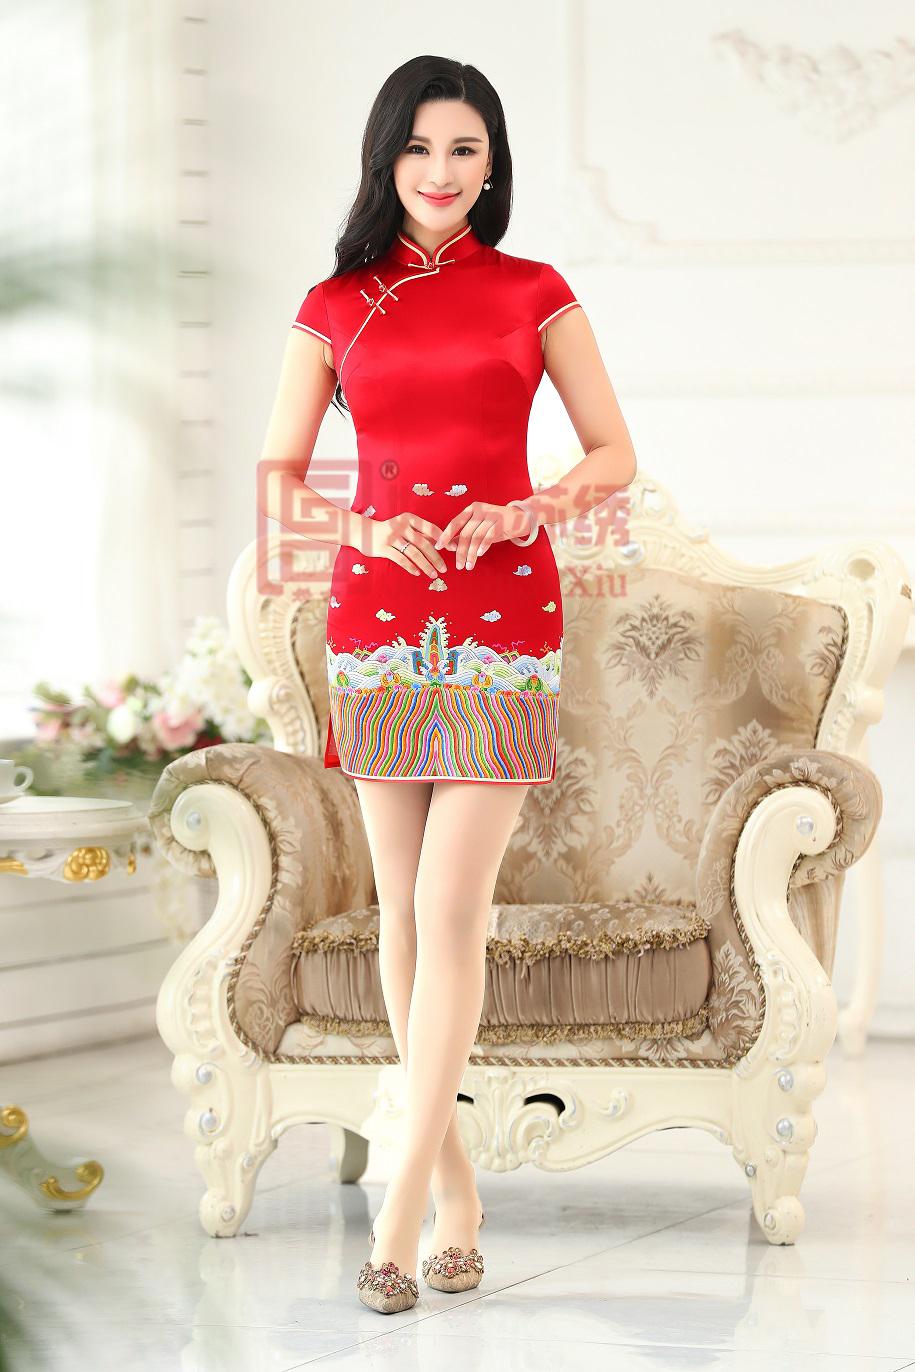 手绣华服 真丝礼服 中国红短款海纹祥云敬酒服 中式结婚礼服 订婚穿